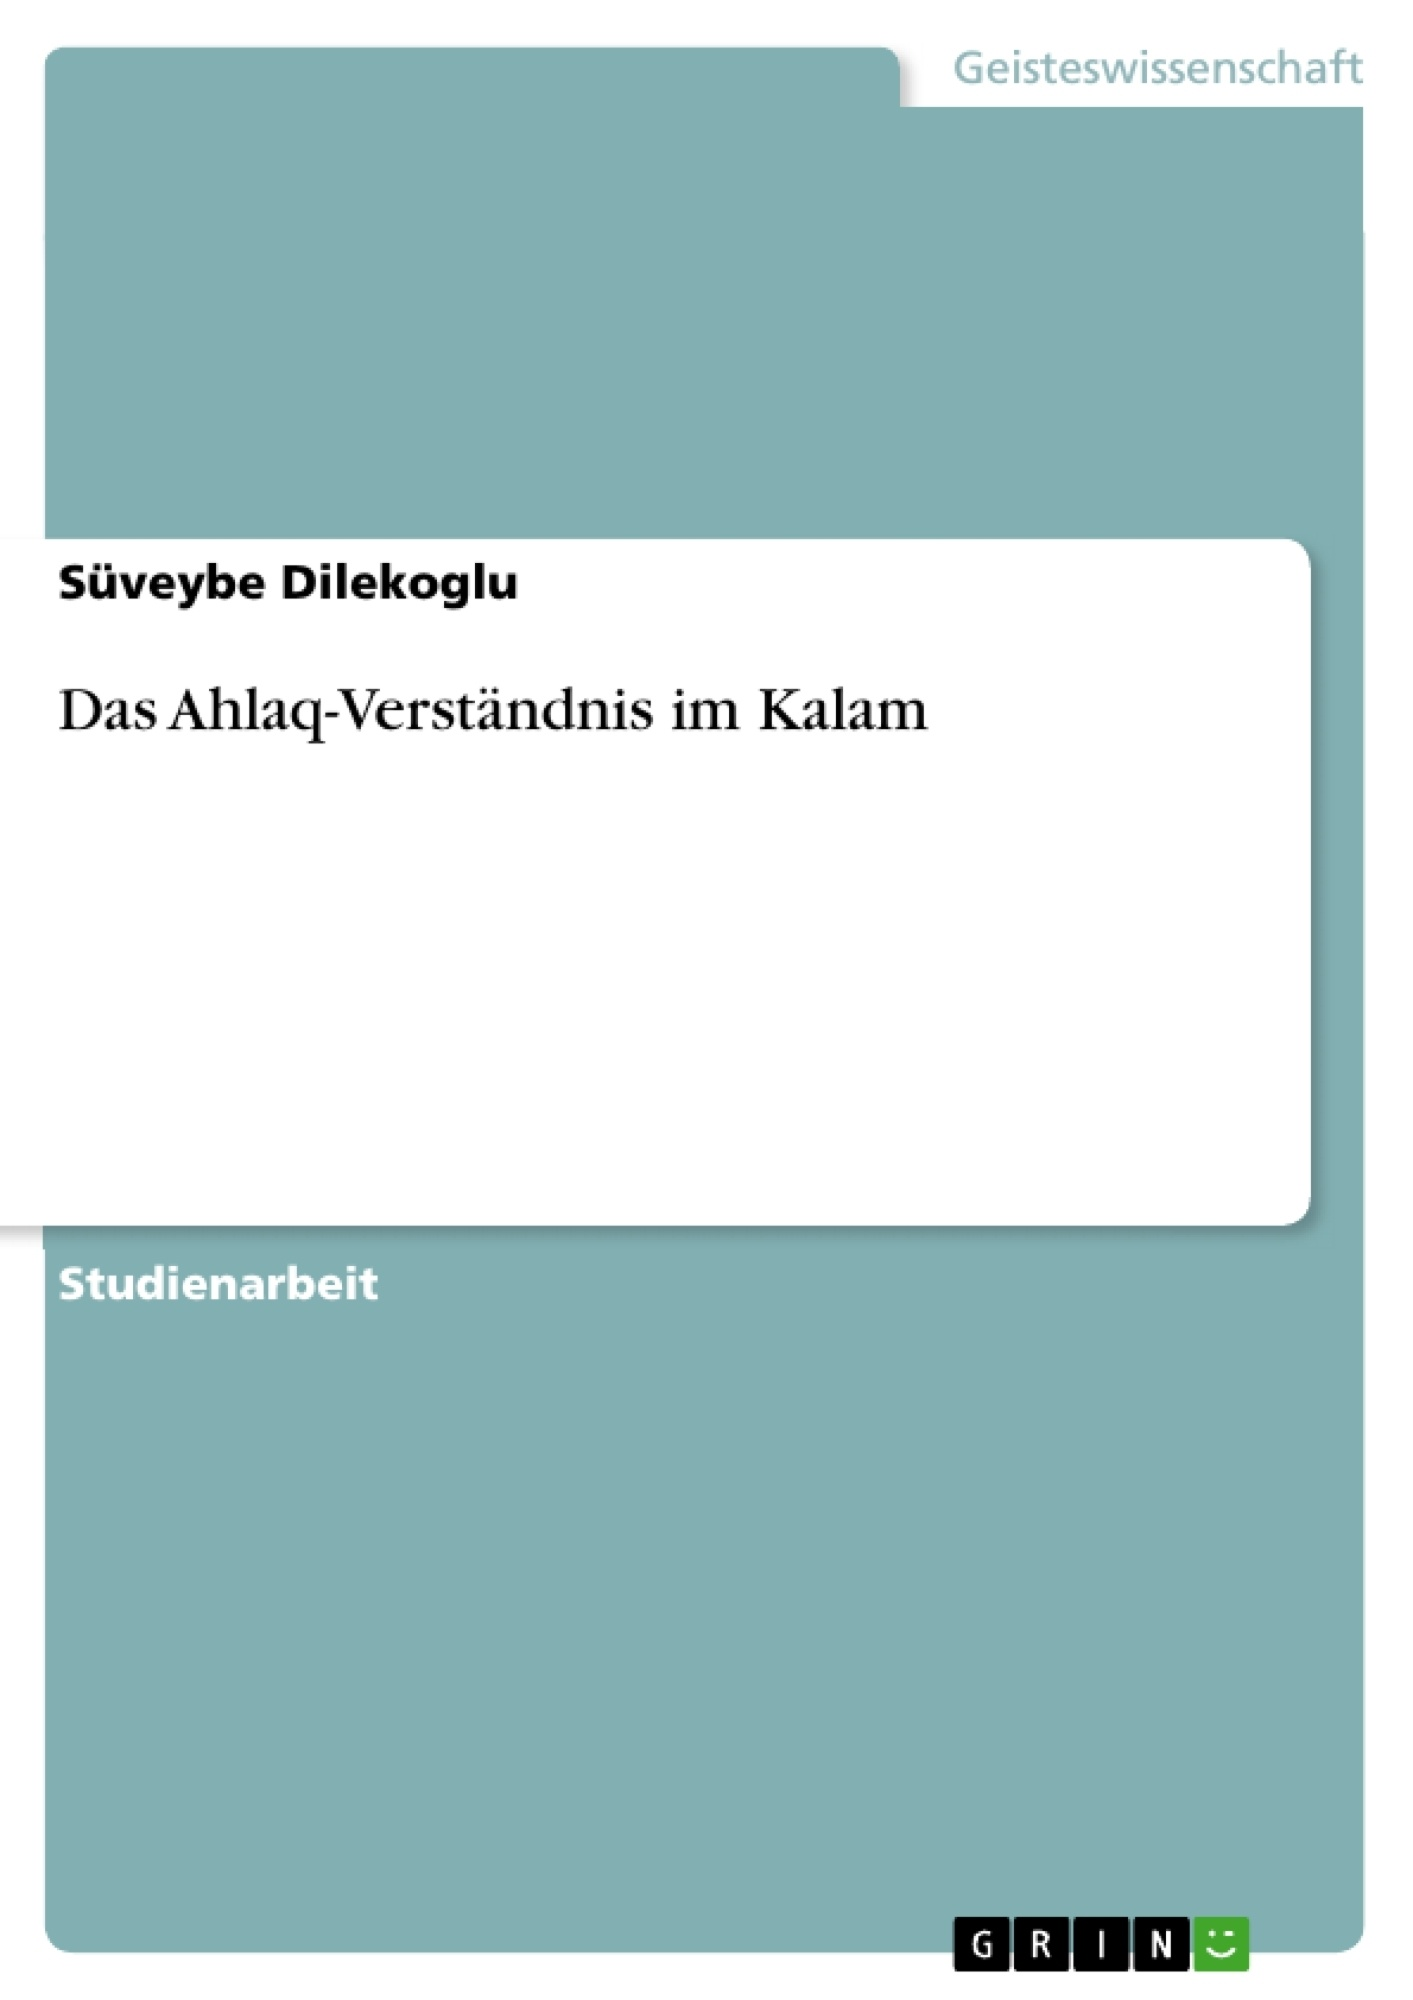 Titel: Das Ahlaq-Verständnis im Kalam